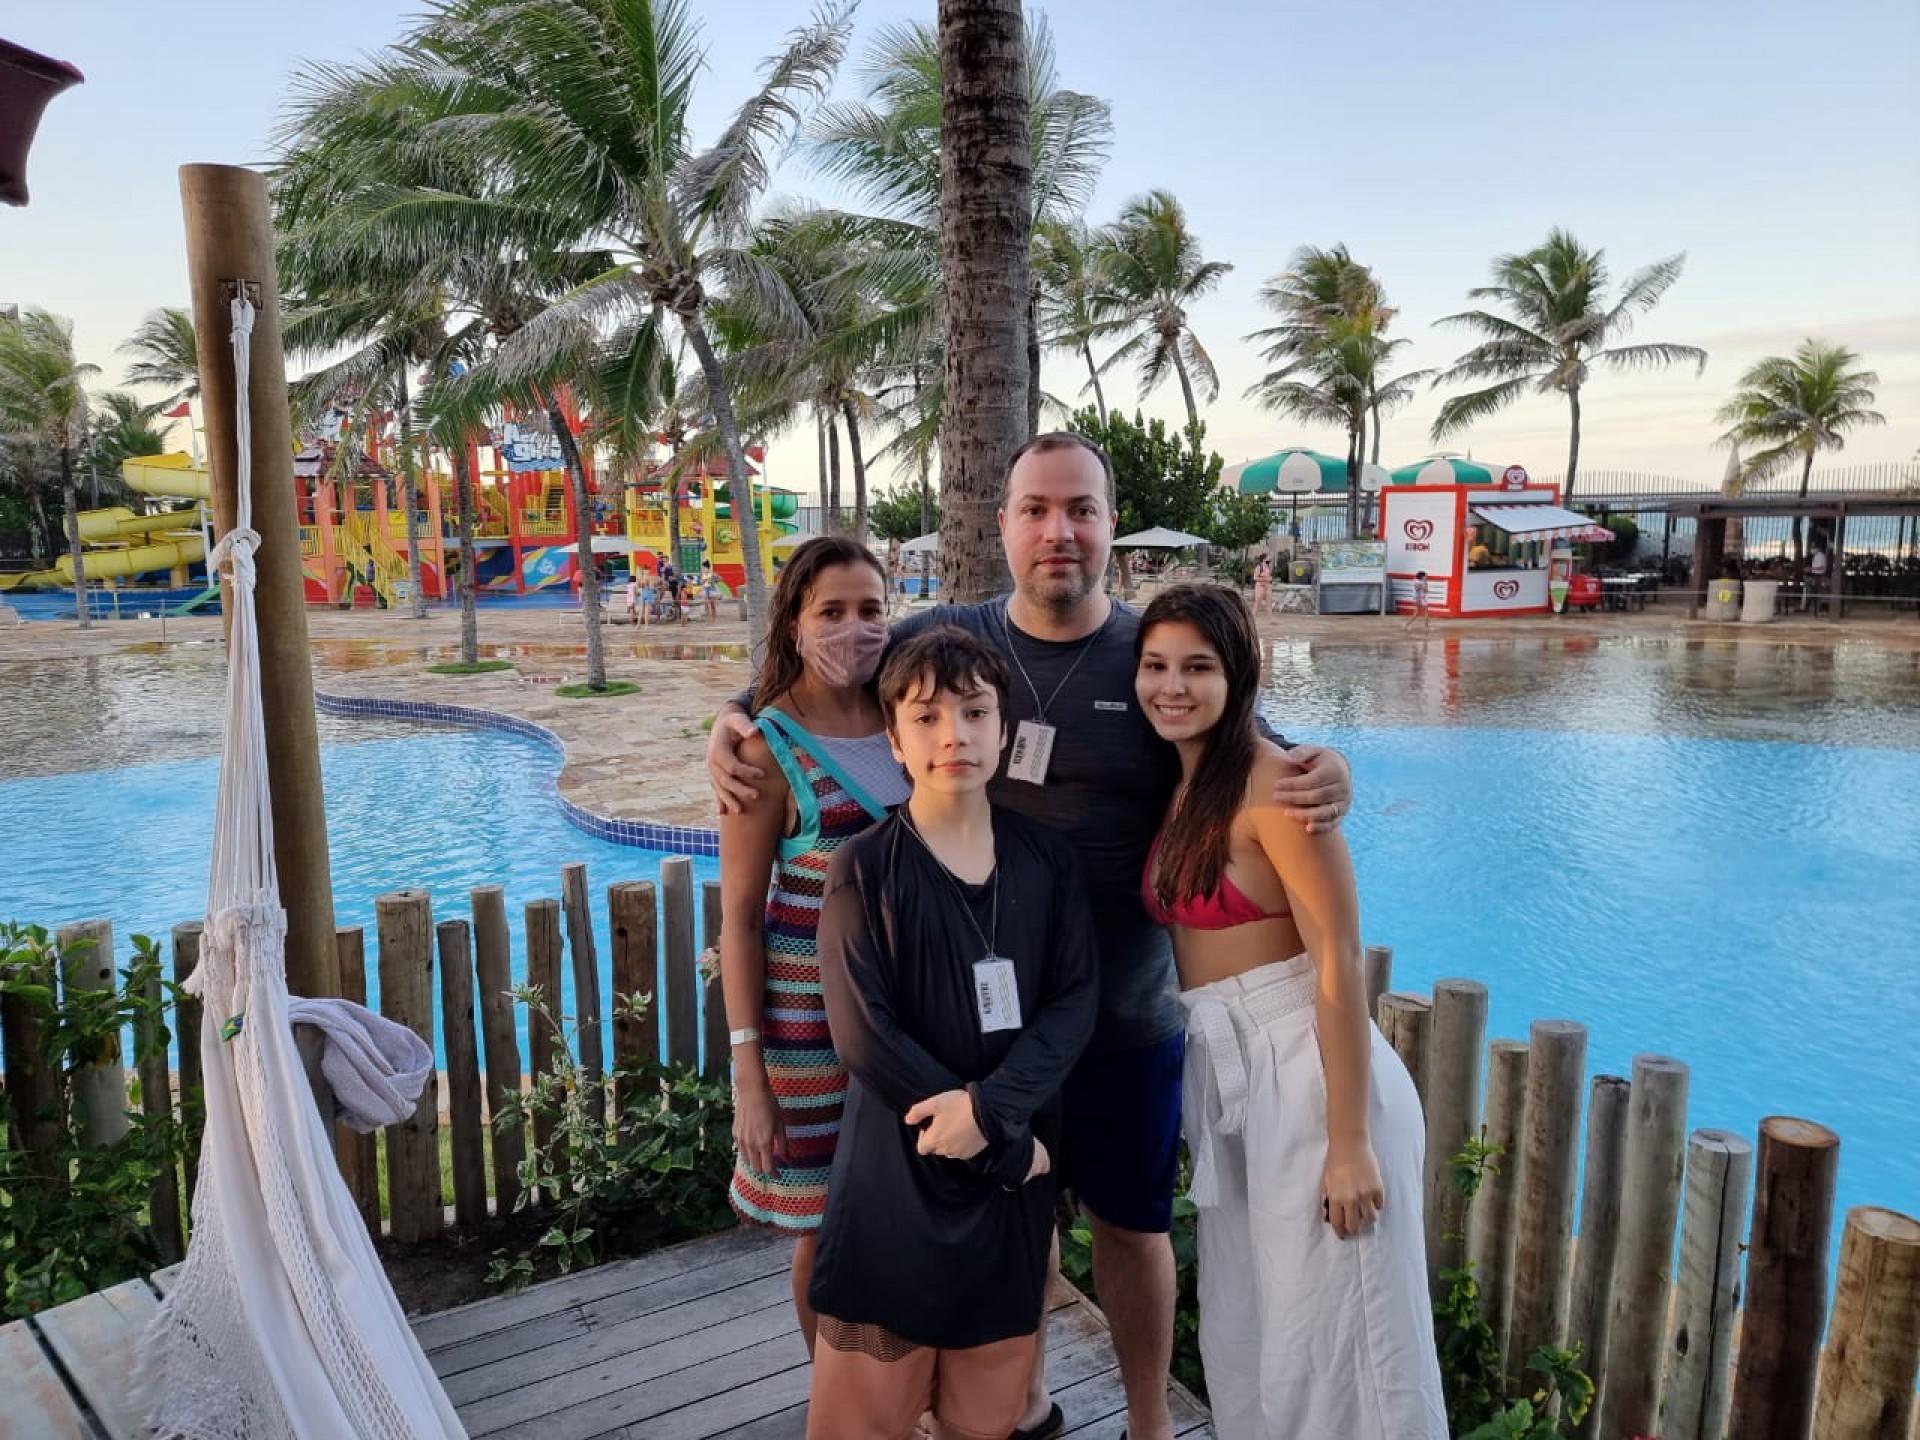 João Carlos Tavares e Gleice Nogueira de Souza aproveitaram o fim de semana para levar os herdeiros Larissa e João Filho para curtir o Beach Park, principalmente o parque Aquático, a maior atração de quem descobre o potencial de lazer e recreação do lugar (Foto: Arquivo Pessoal)